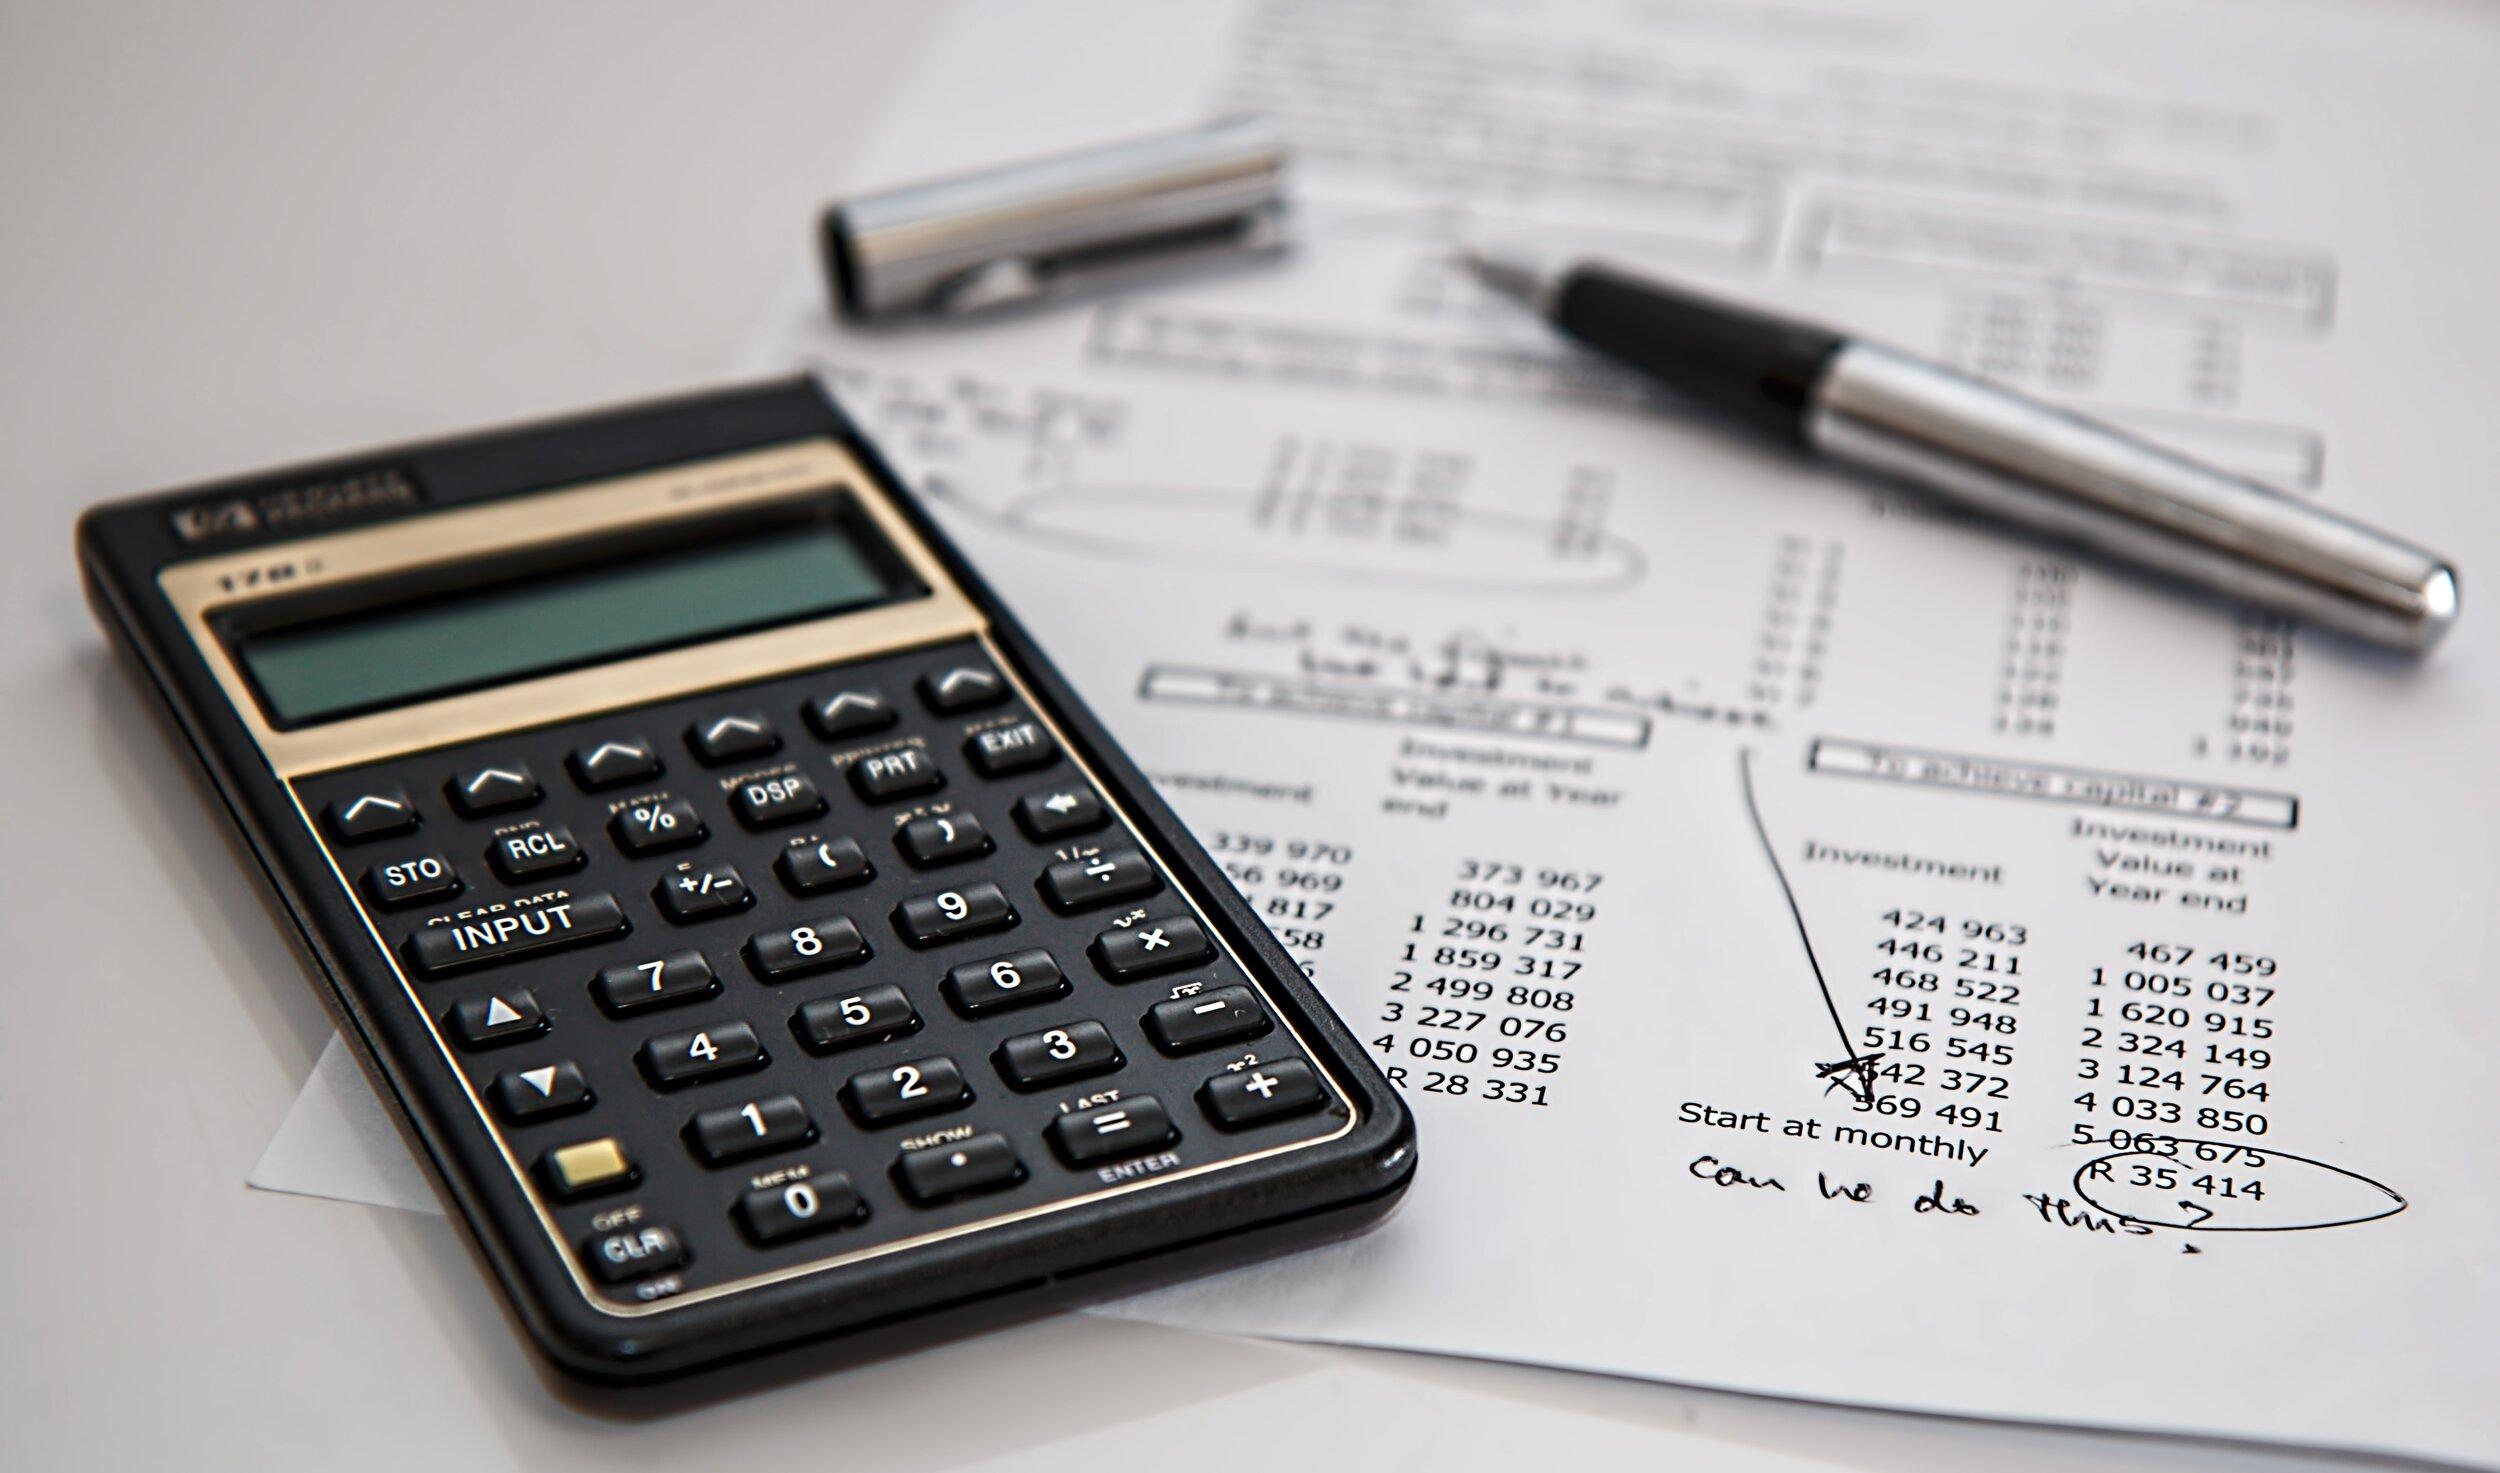 Canva - Black Calculator Near Ballpoint Pen on White Printed Paper.jpg